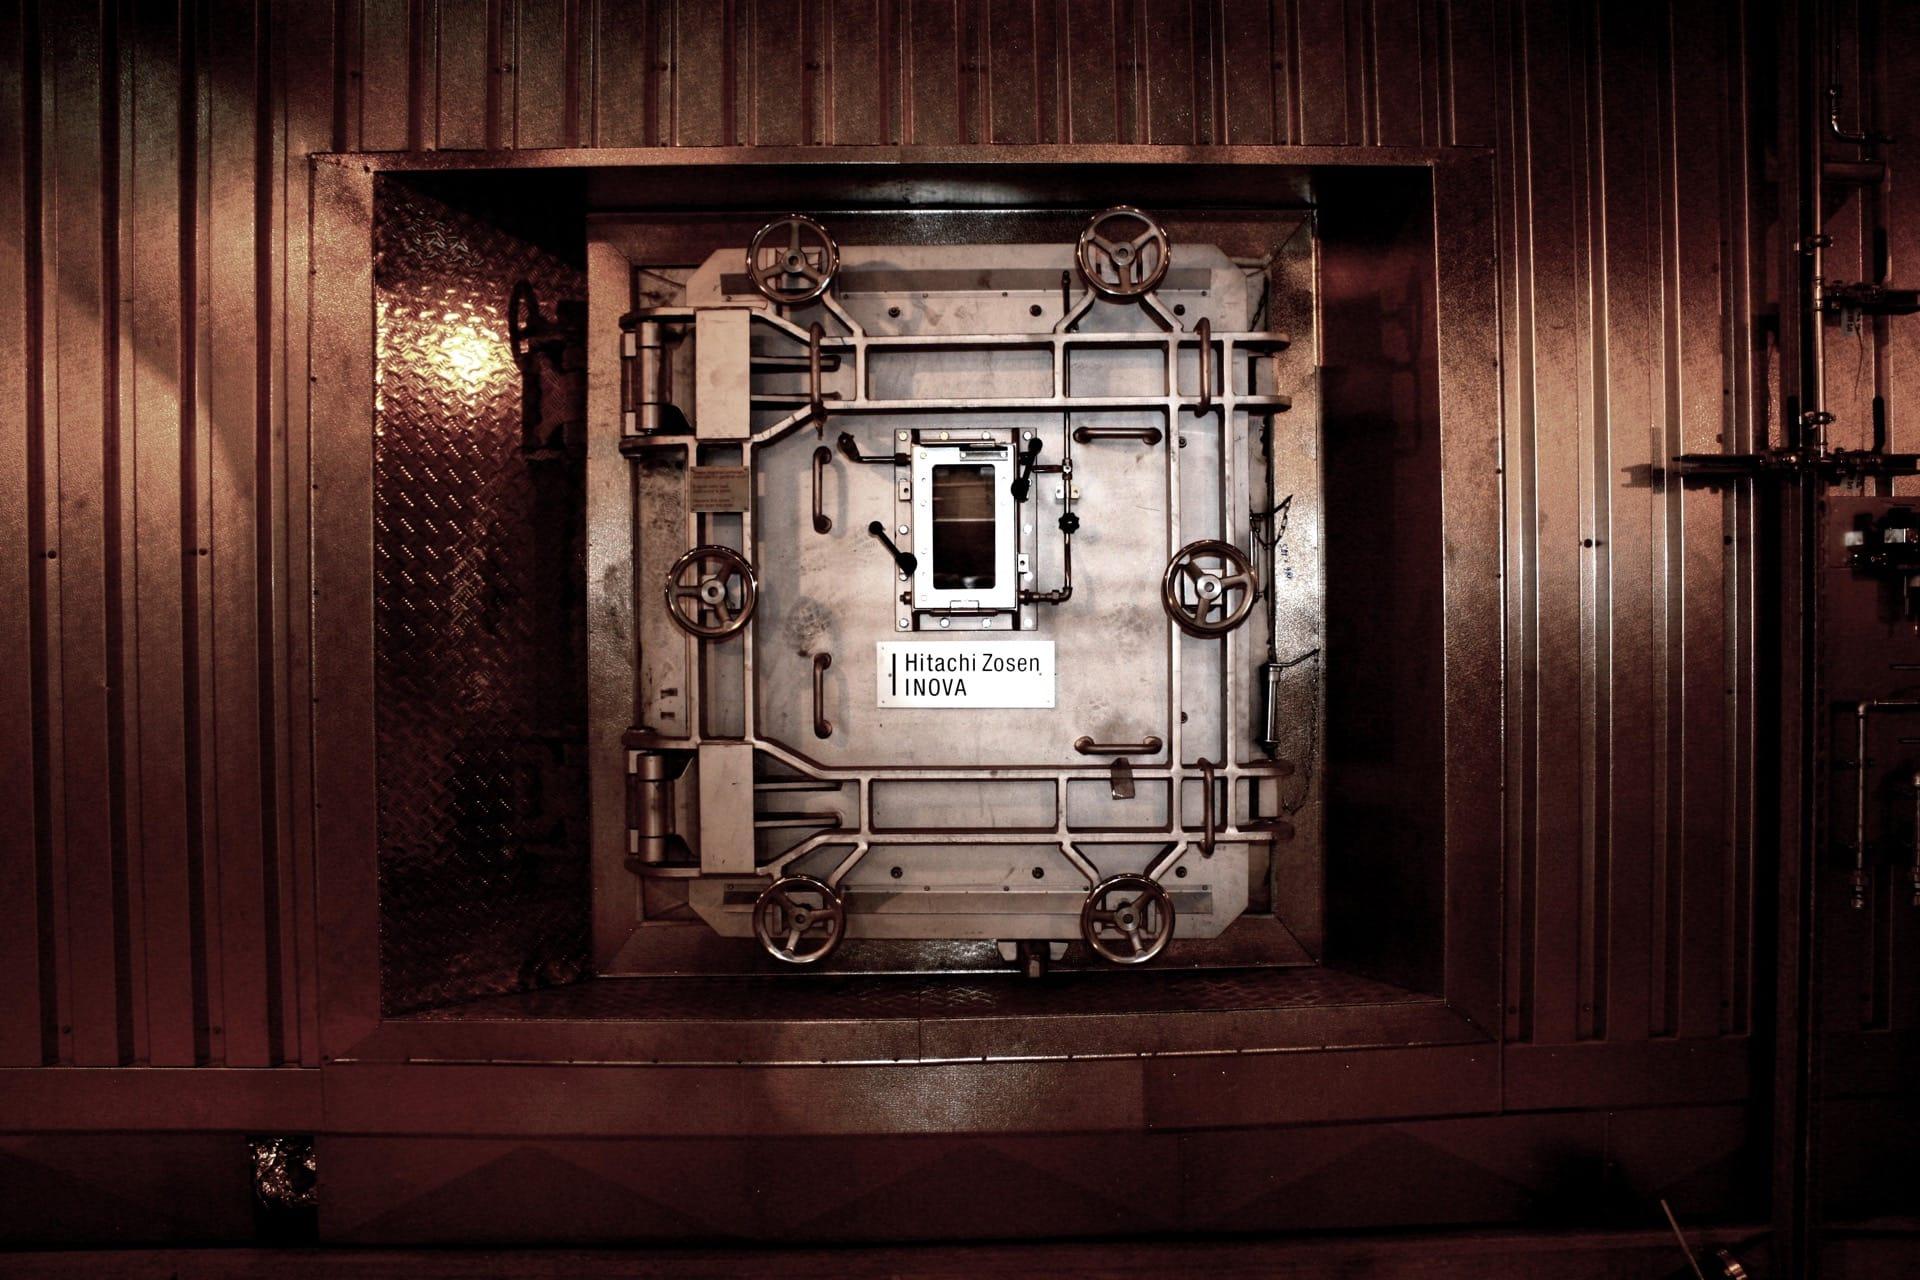 HZI Grate Door